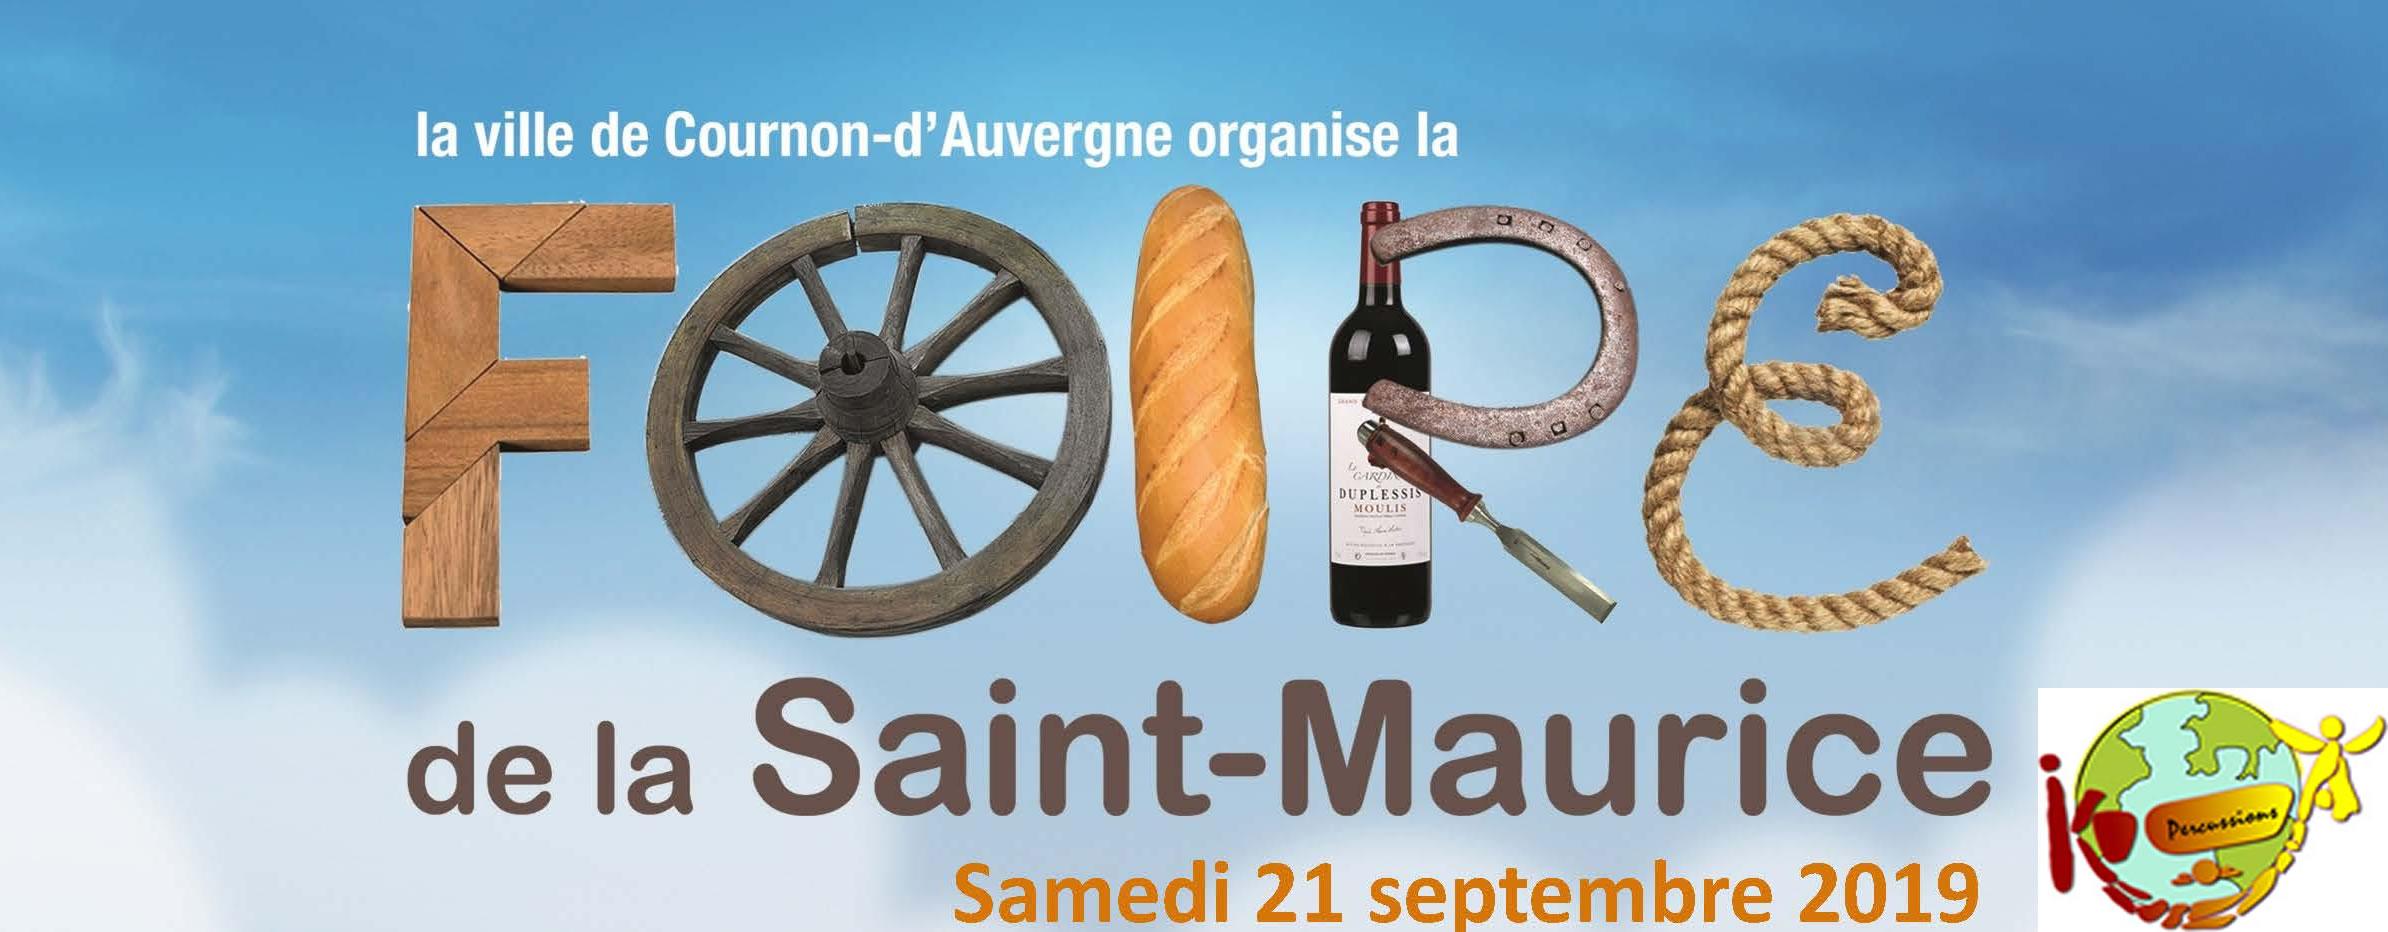 foire Saint Maurice 2019